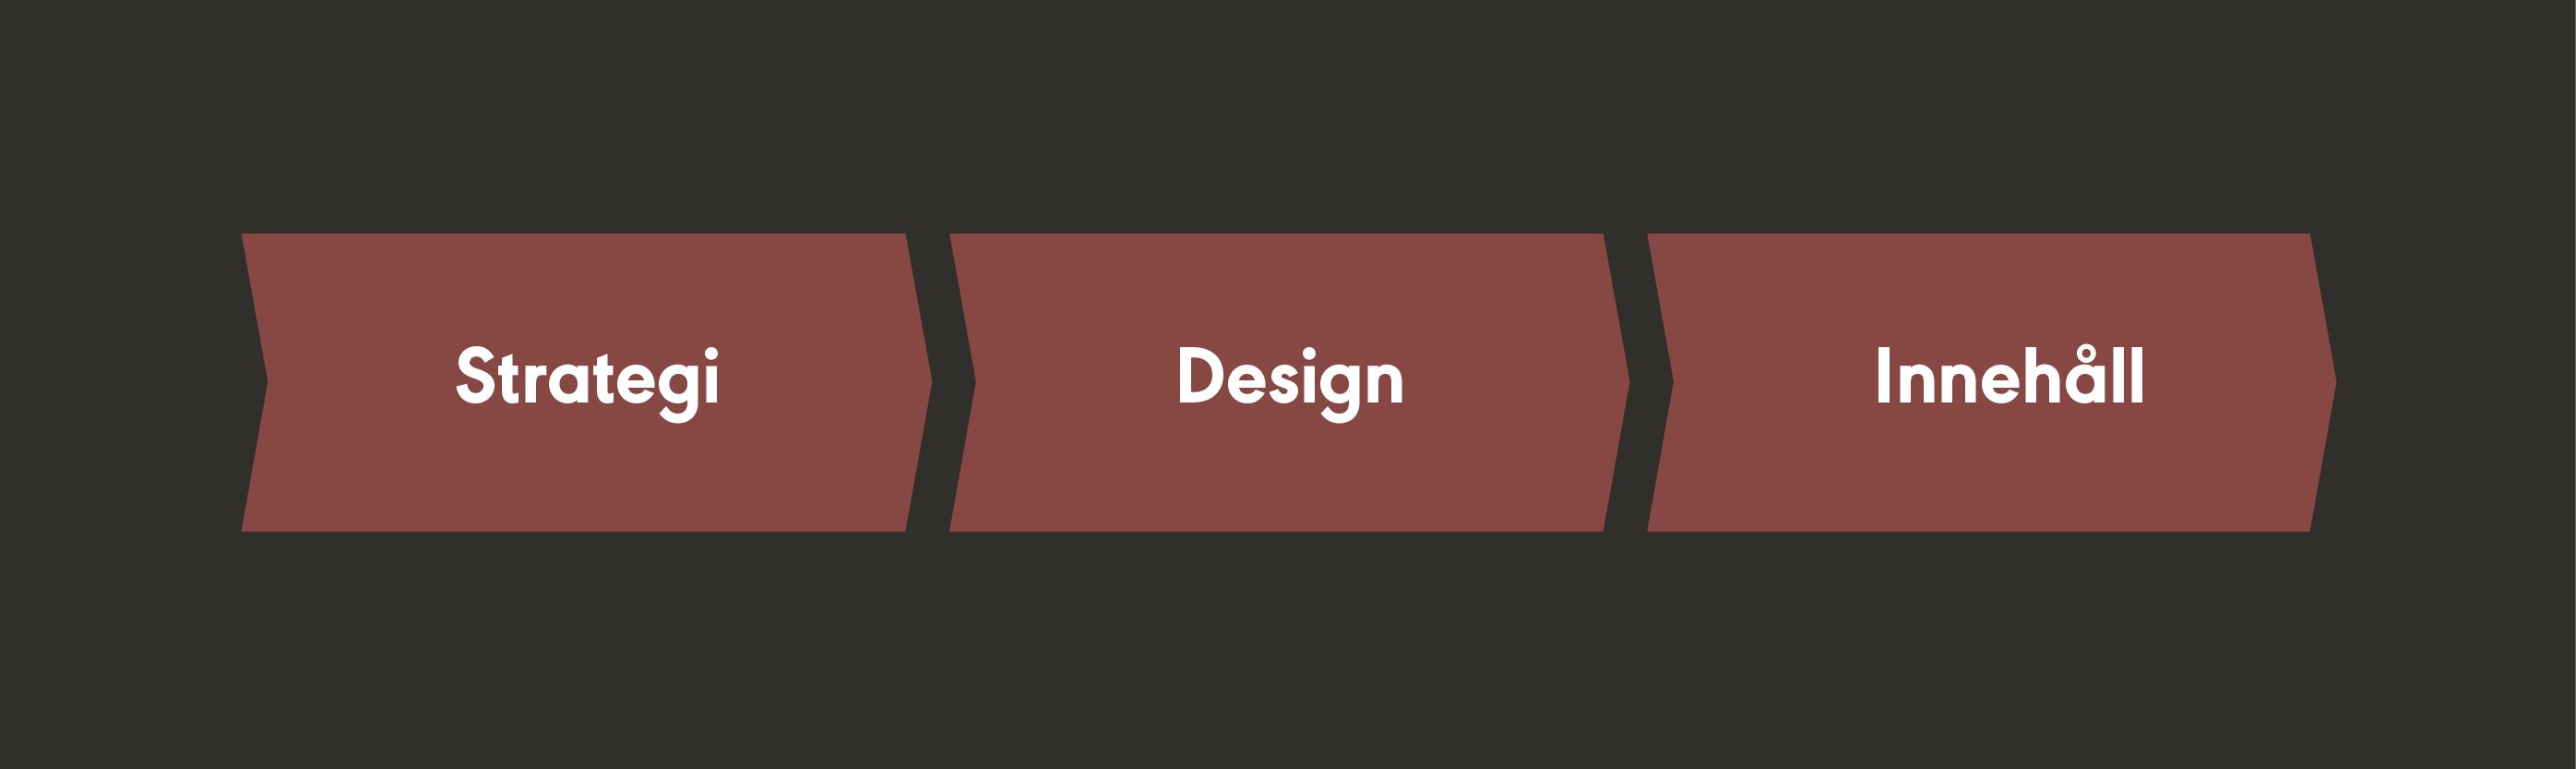 Kate steg, Strategi - Design - Innehåll